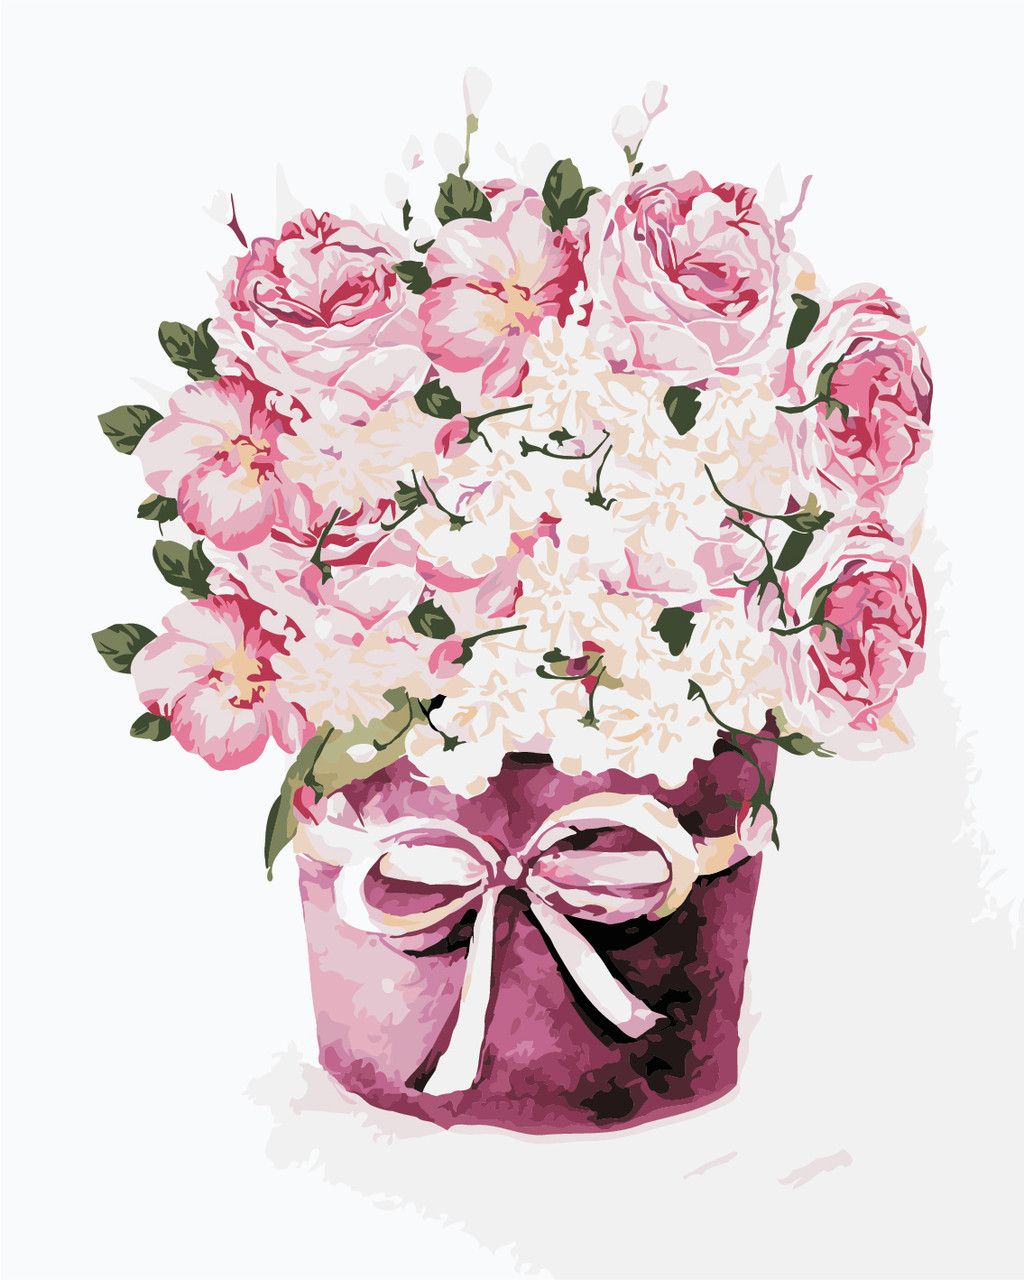 Картина по номерам Букет чайных роз 40 х 50 см (AS0347)